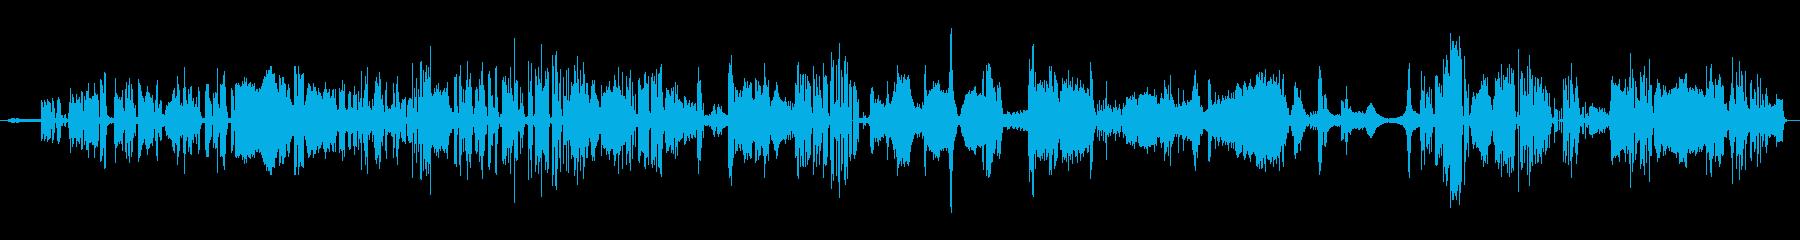 コンシューマーオープンリールマシン...の再生済みの波形